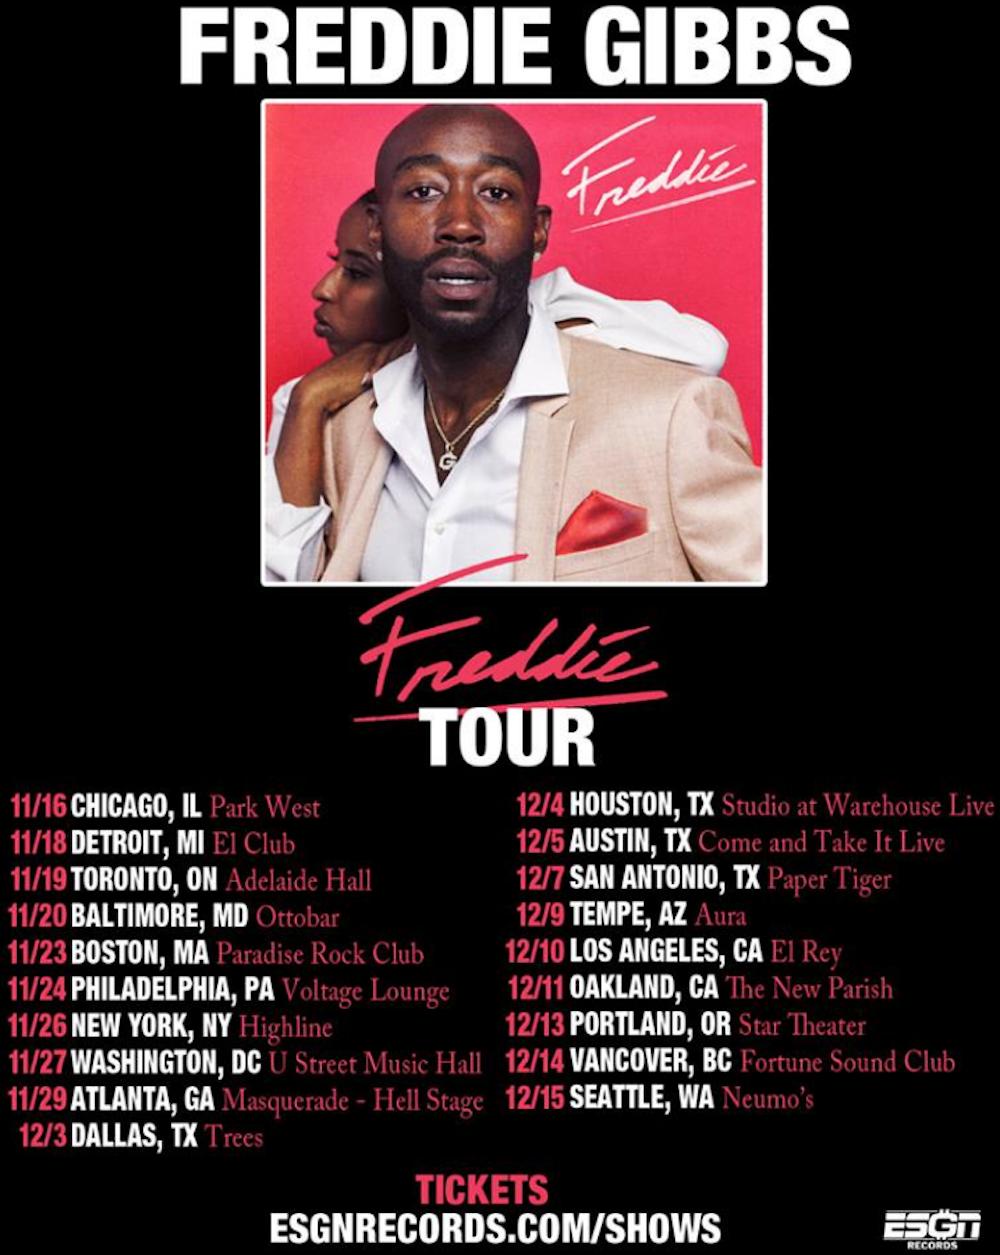 freddie gibbs 2018 tour dates Freddie Gibbs announces North American Freddie Tour